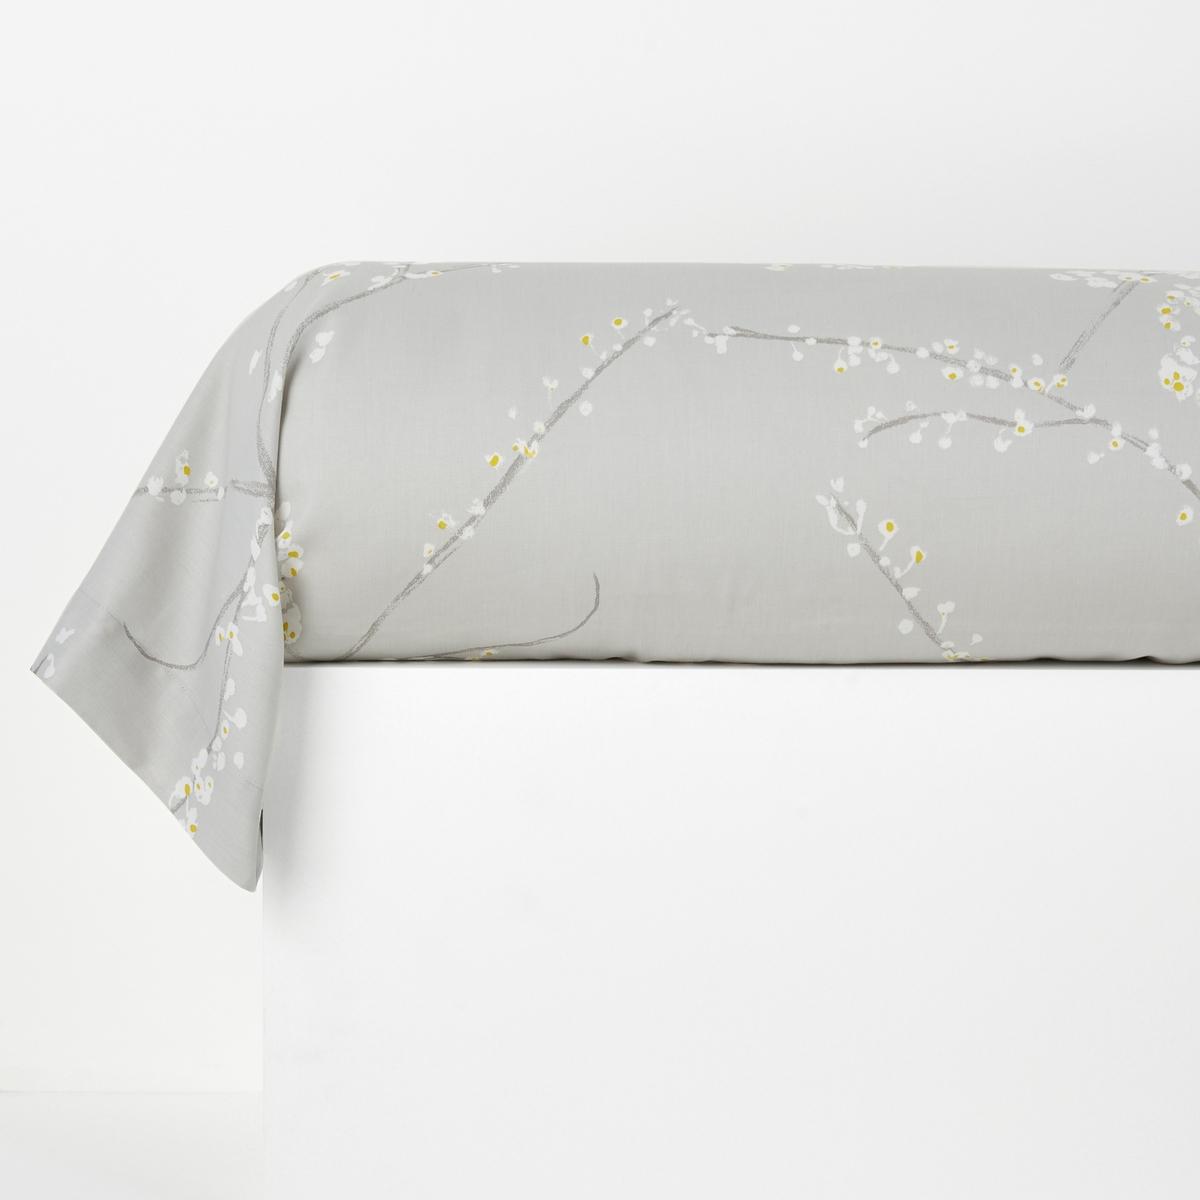 Наволочка на подушку-валик из хлопкового сатина, NatsumiХарактеристики наволочки на подушку-валик :Сатин, 100% хлопок, 145 г.Чем больше нитей/см2, тем выше качество ткани.Машинная стирка при 60 °С Качество Qualit? Best.Размеры наволочки на подушку-валик :85 x 185 см Знак Oeko-Tex® гарантирует, что товары прошли проверку и были изготовлены без применения вредных для здоровья человека веществ.Уход :Следуйте рекомендациям по уходу, указанным на этикетке изделия.<br><br>Цвет: наб. рисунок серый/ белый